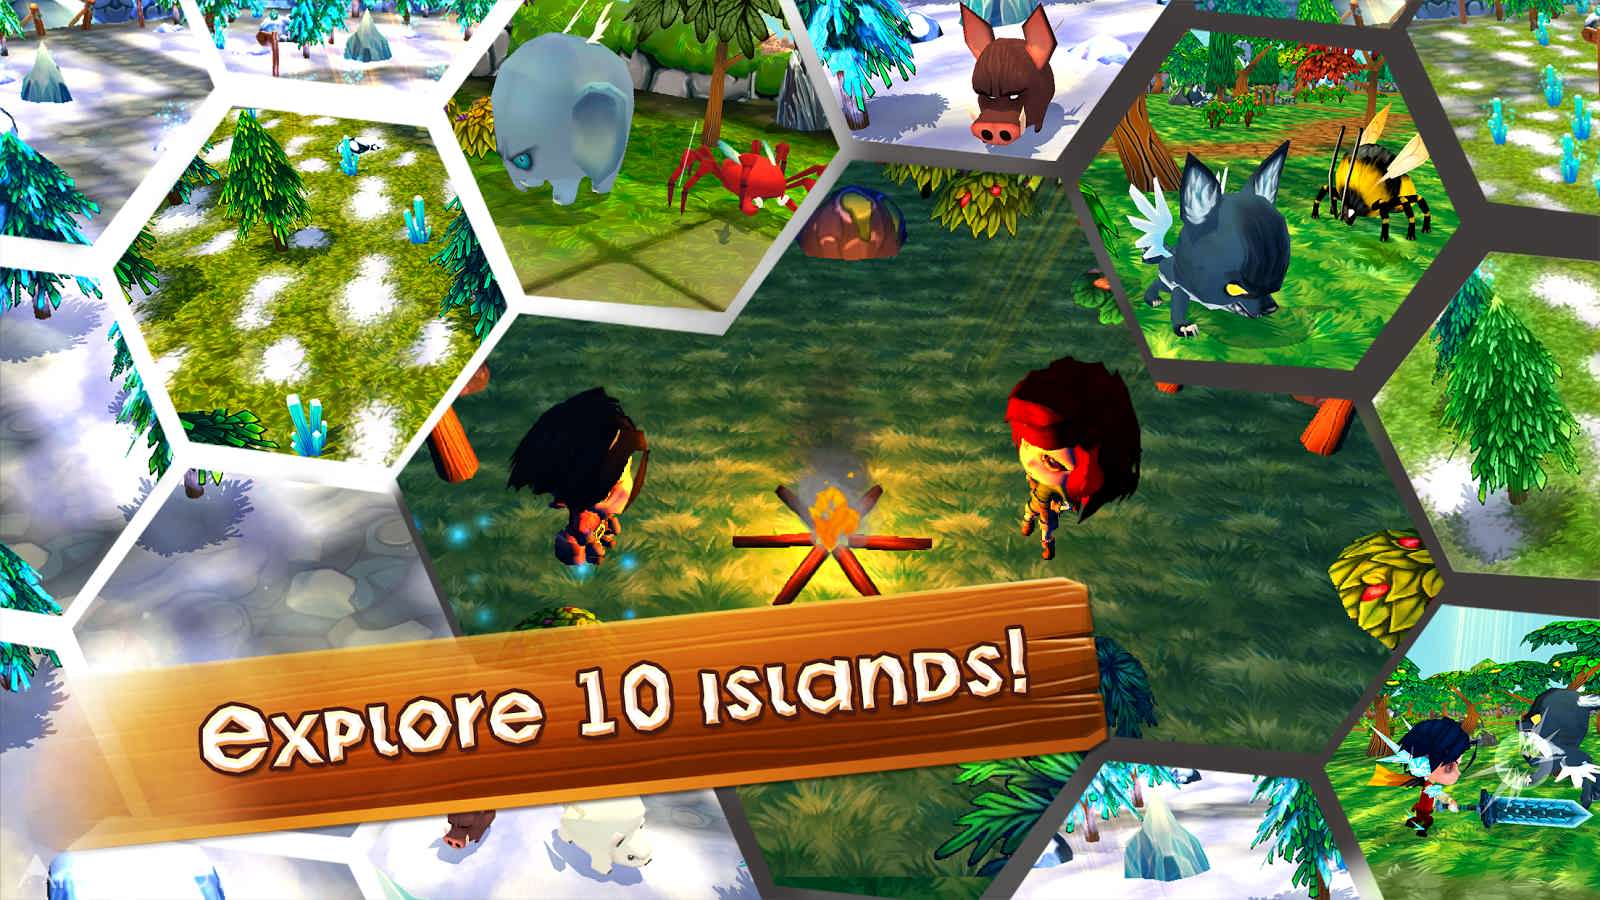 دانلود Survival Island Games – Survivor Craft Adventure 1.8.4 – بازی بقا در جزیره: بازمانده اندروید